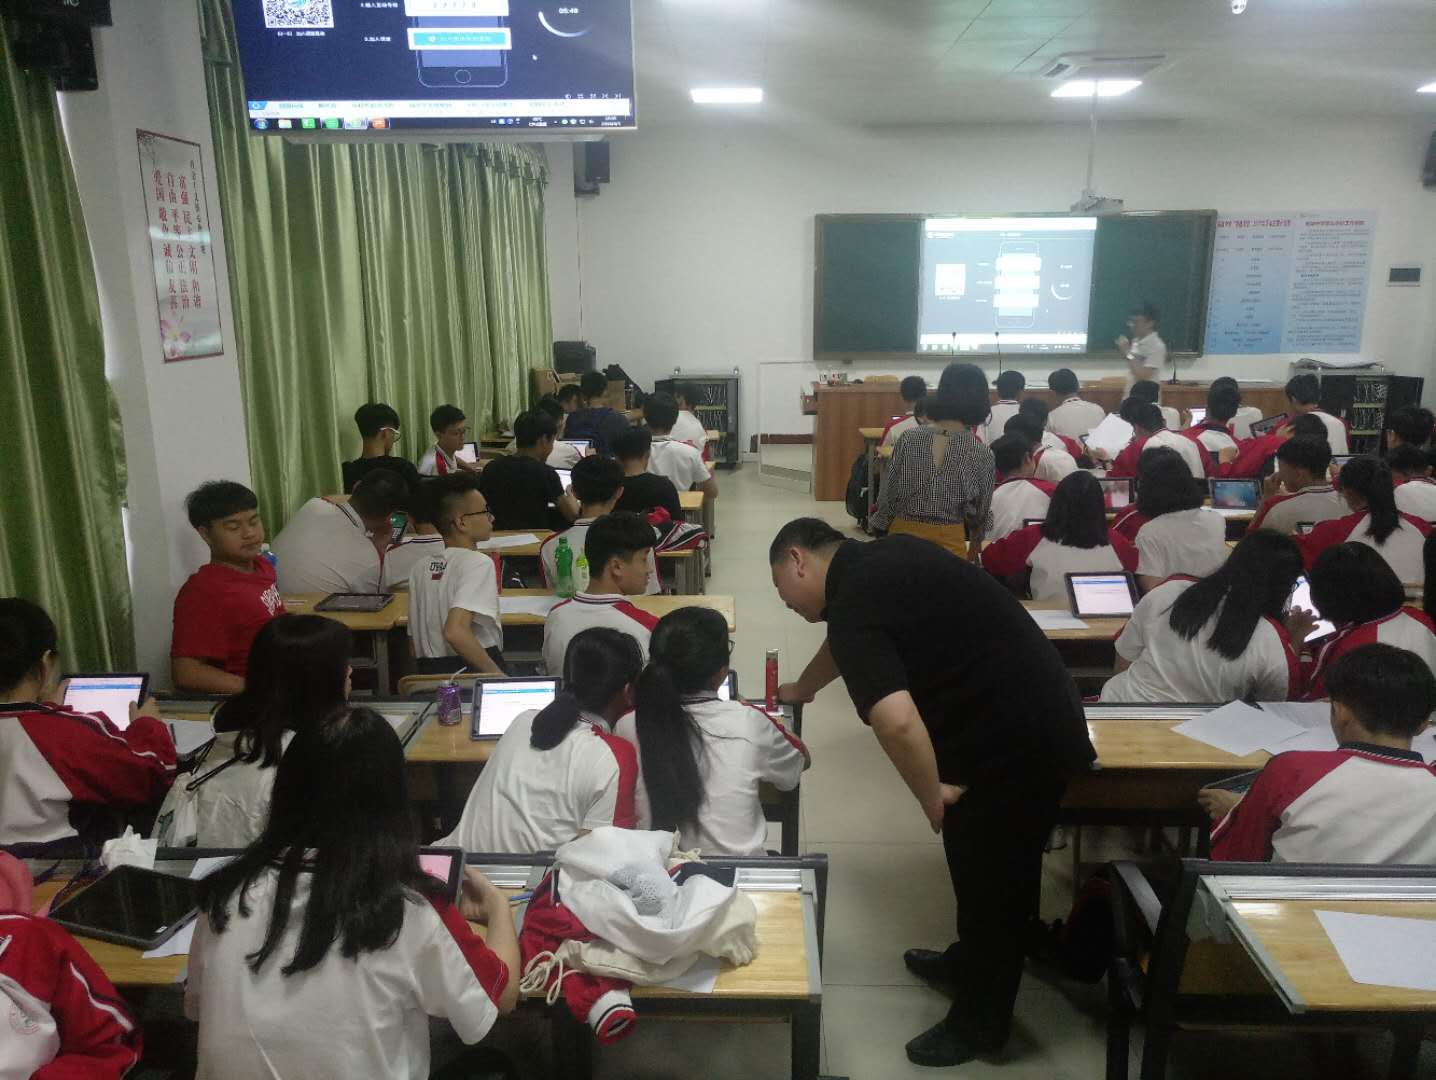 广东省惠州市榕城中学开展生涯示范课,让学生学会选择!插图1